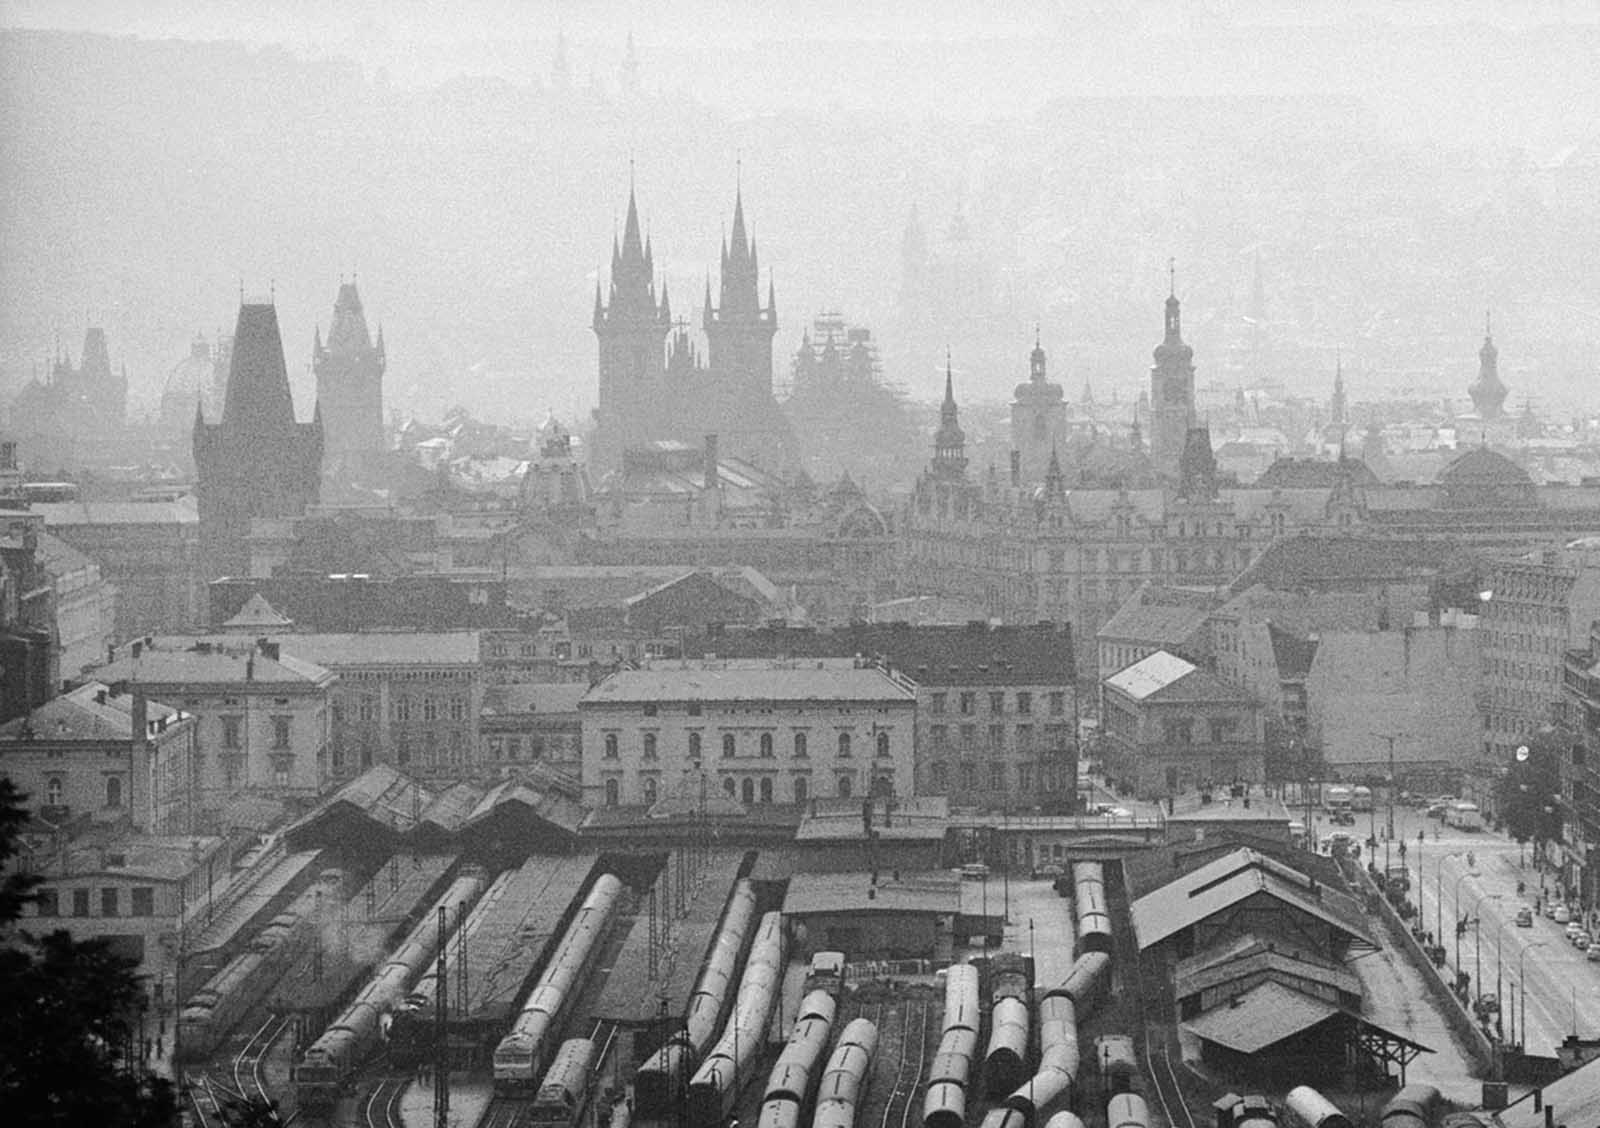 Una vista de la capital checoslovaca, Praga, desde las colinas circundantes, agosto de 1968.